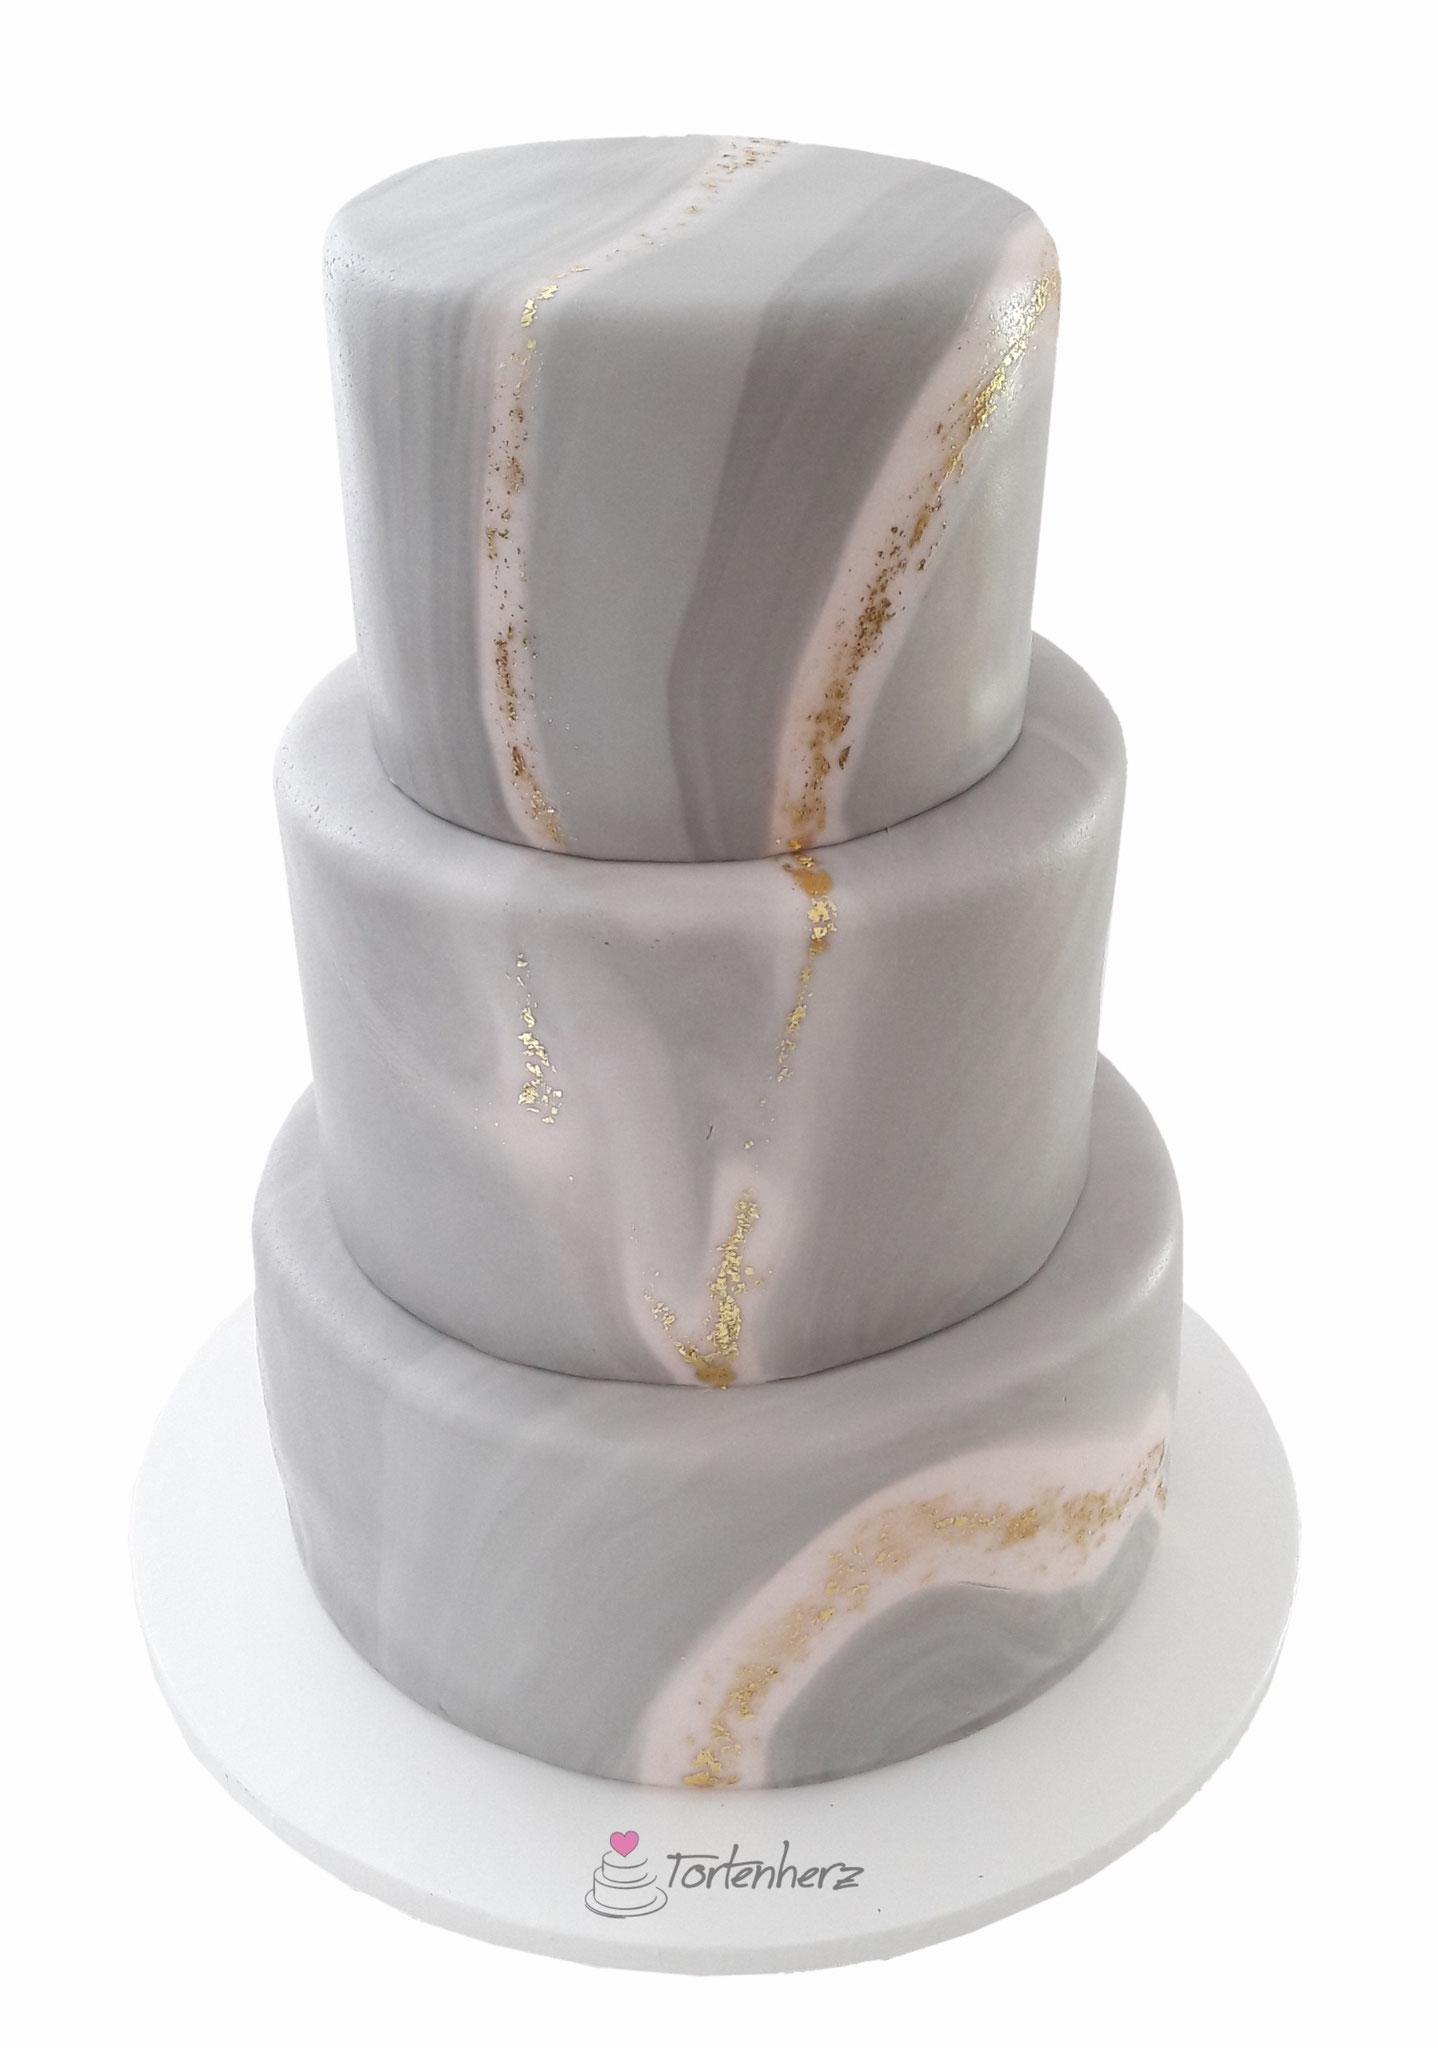 Marmor-Effekt Torte mit Blattgold